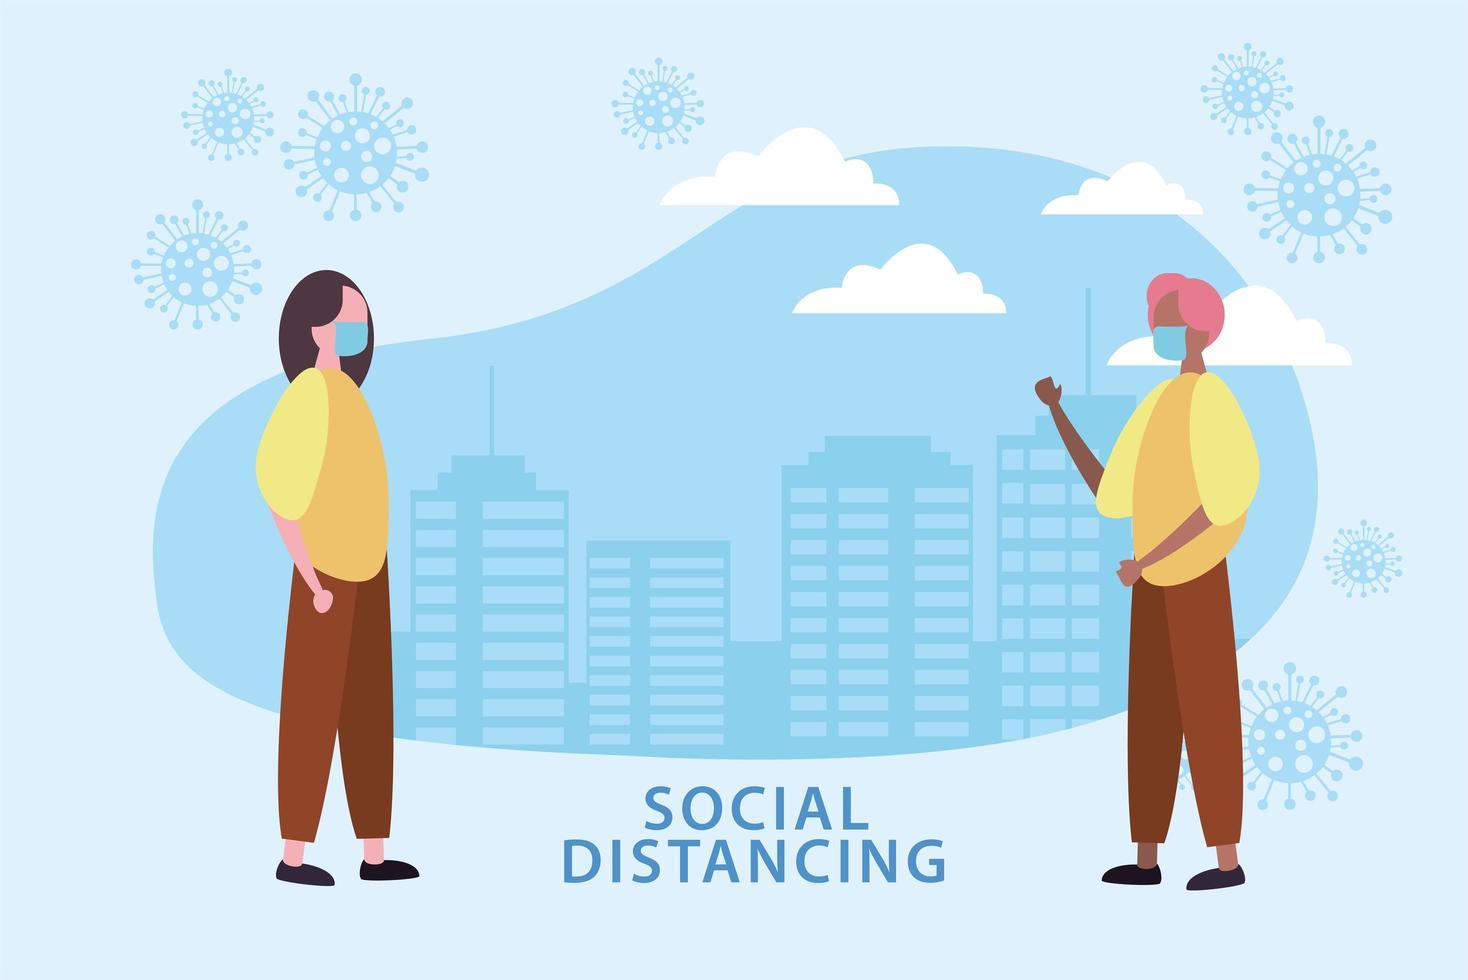 affiche de distanciation sociale avec des personnes masquées et des cellules à l'extérieur vecteur